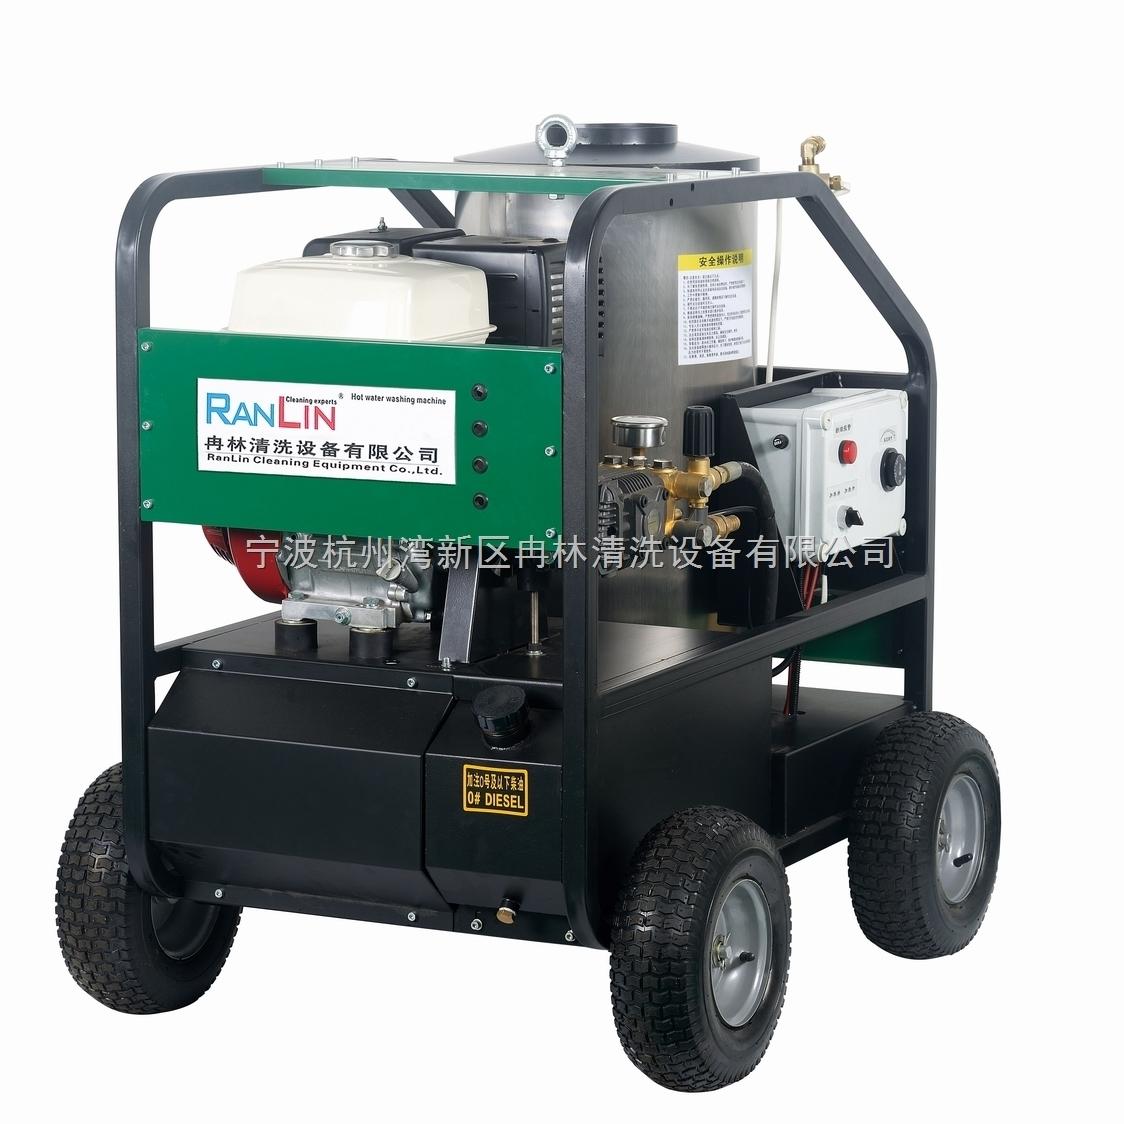 国产柴油机驱动冷热水高压清洗机